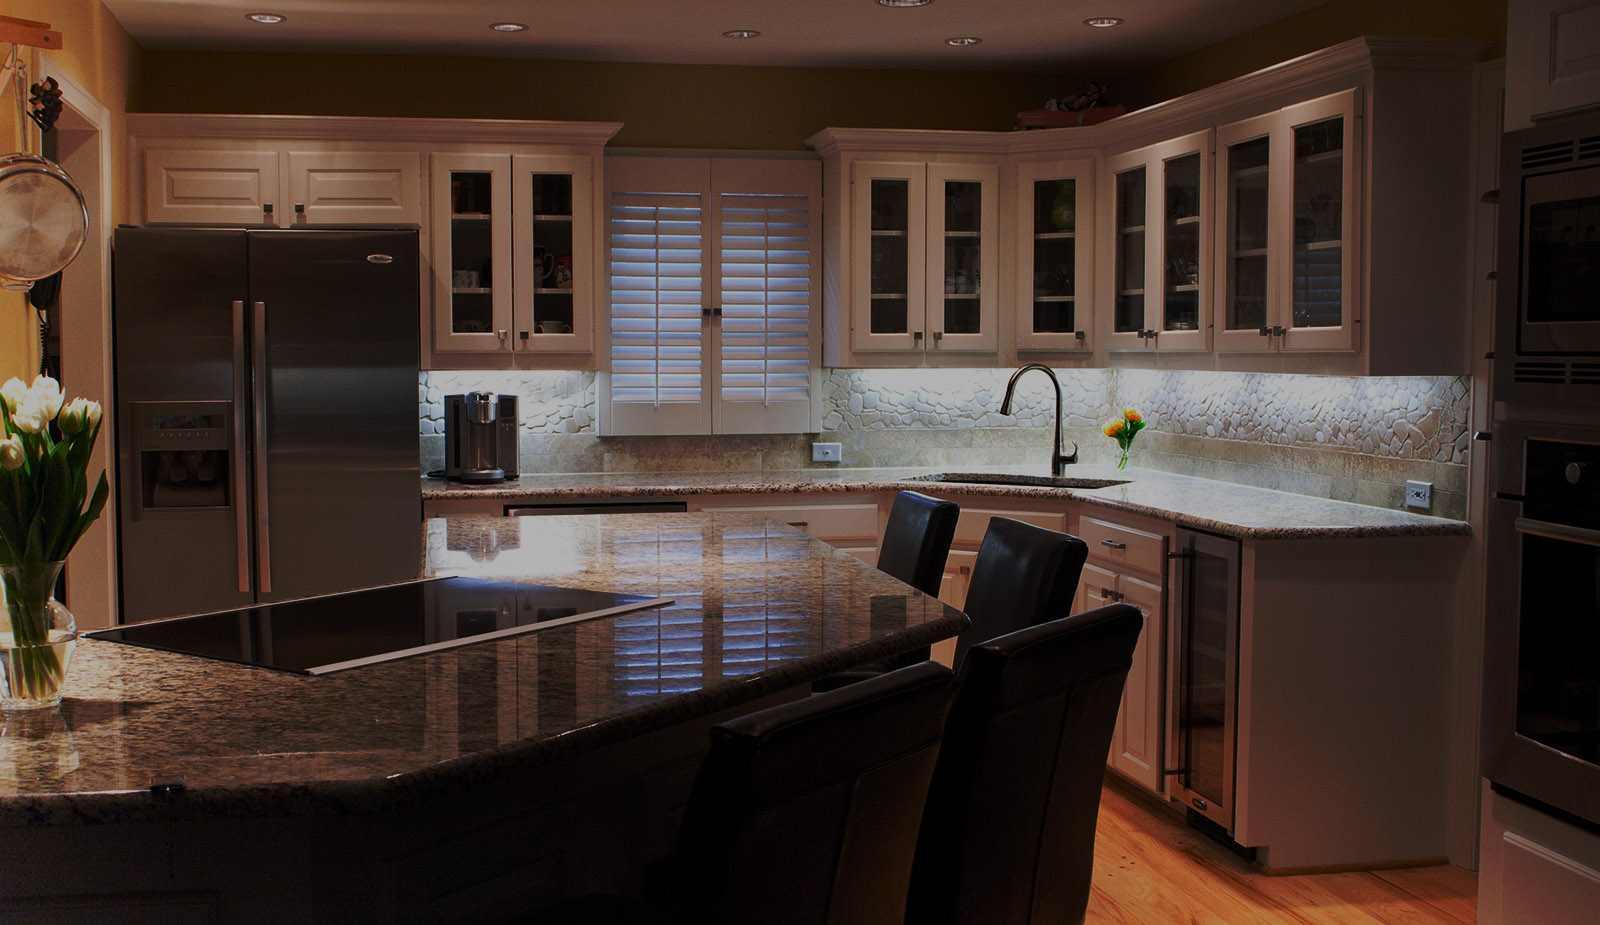 Aqua Kitchen and Bath Design Center | Aqua Kitchen & Bath Design Center